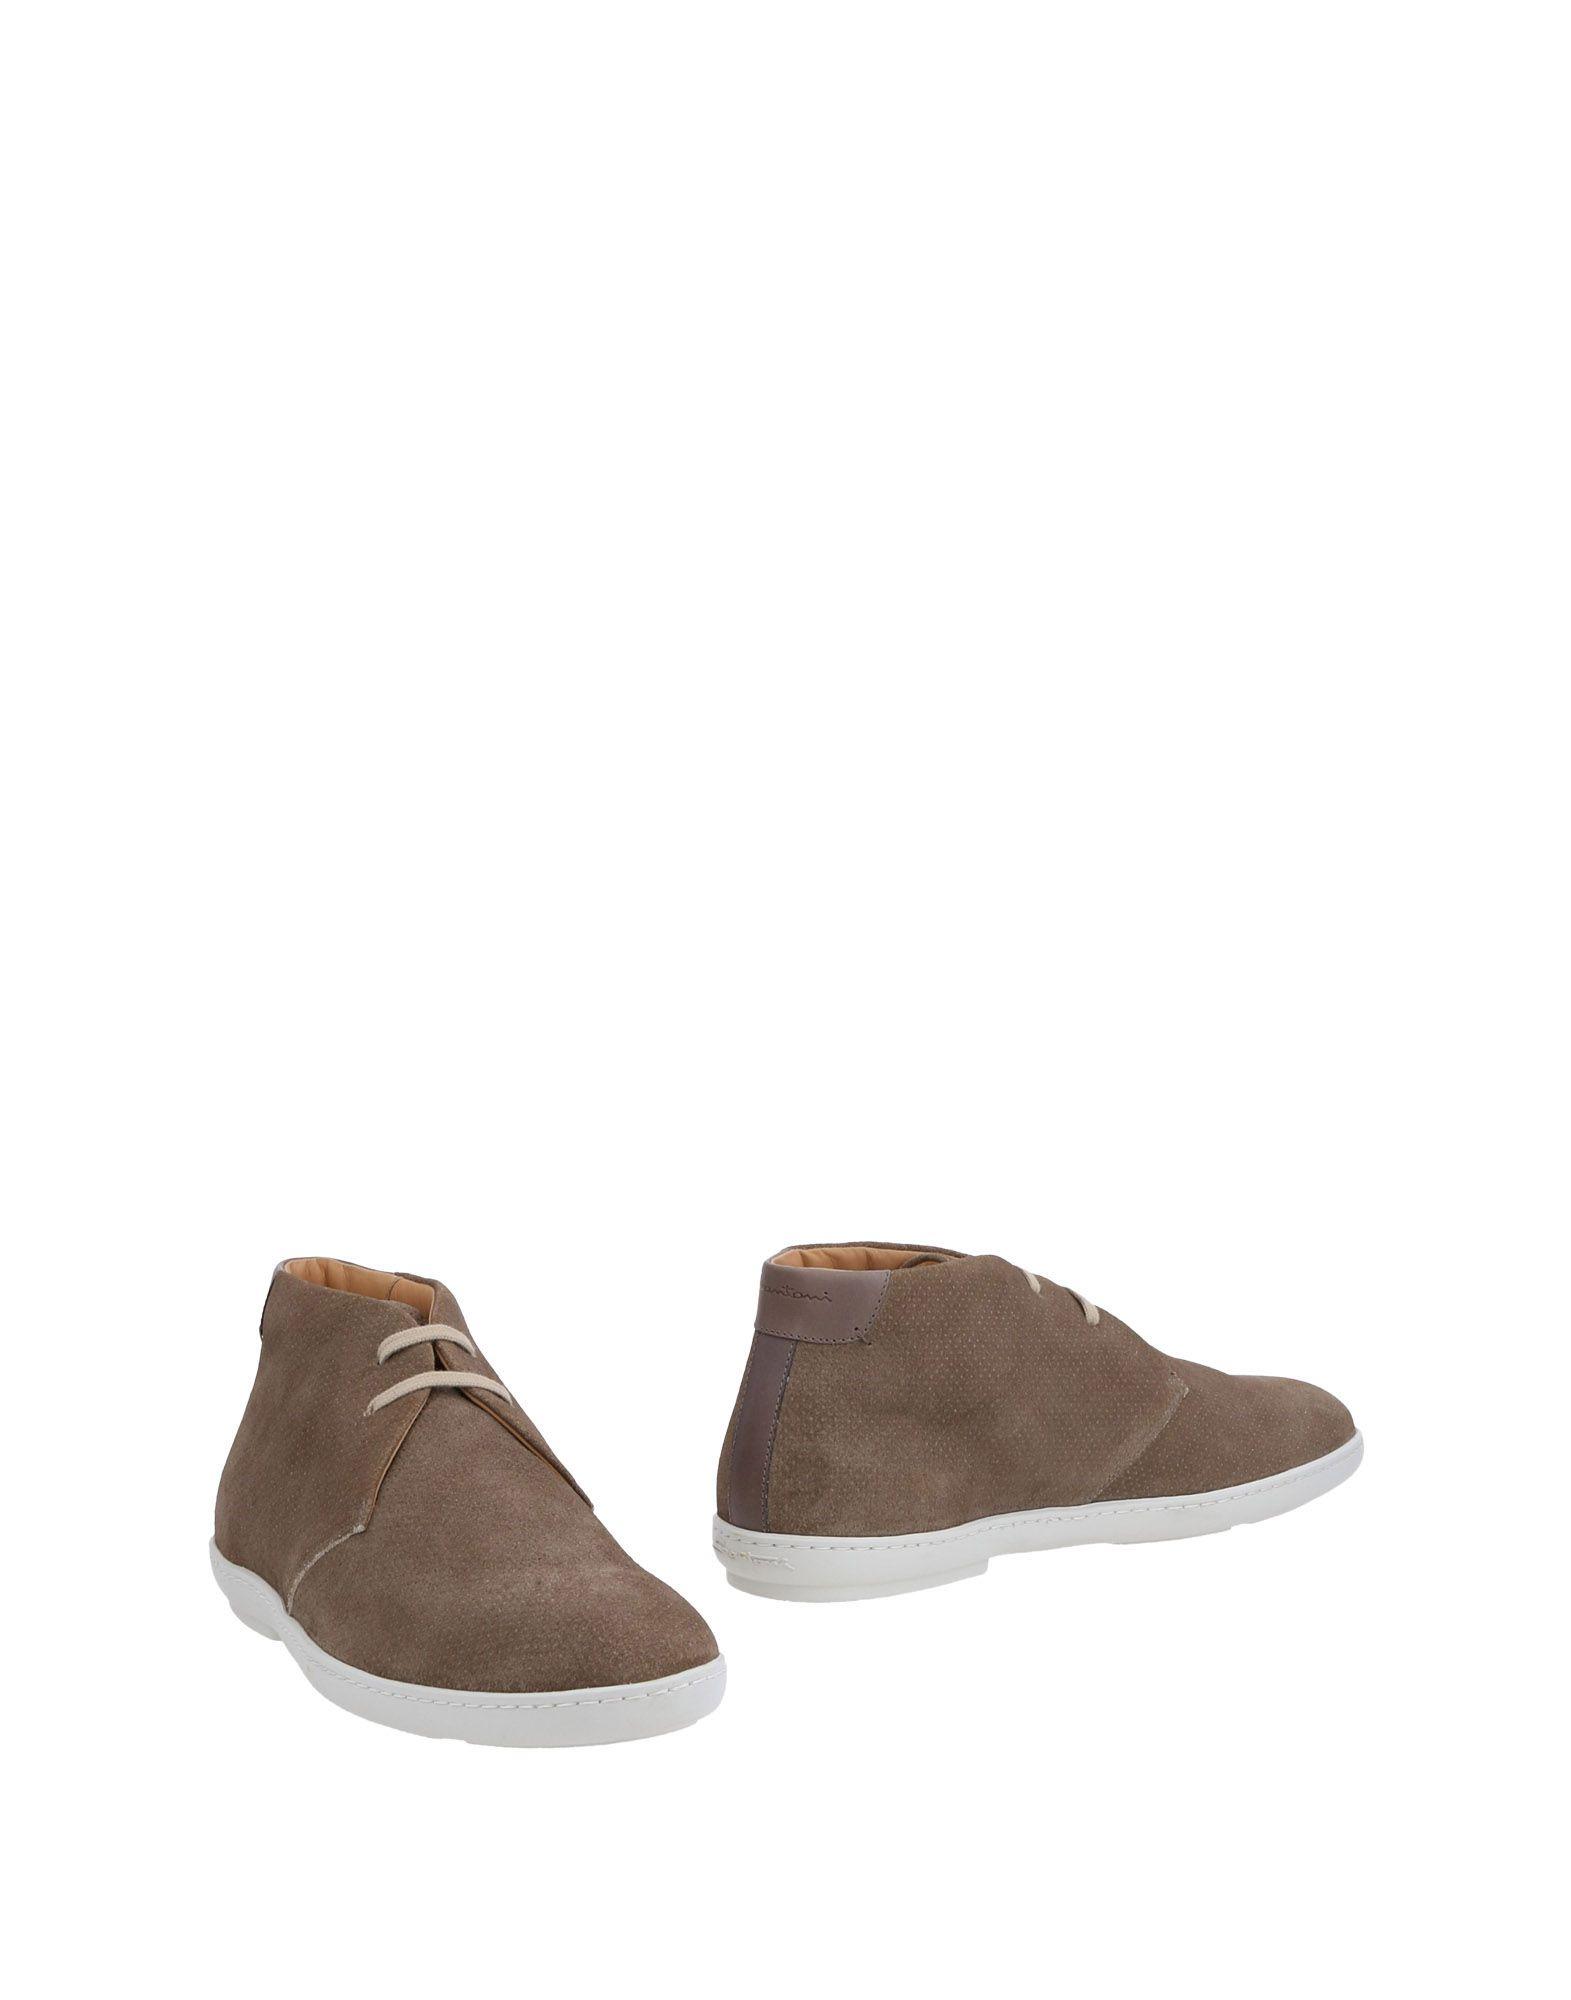 Santoni Stiefelette Herren Qualität  11478549EE Gute Qualität Herren beliebte Schuhe 2970af